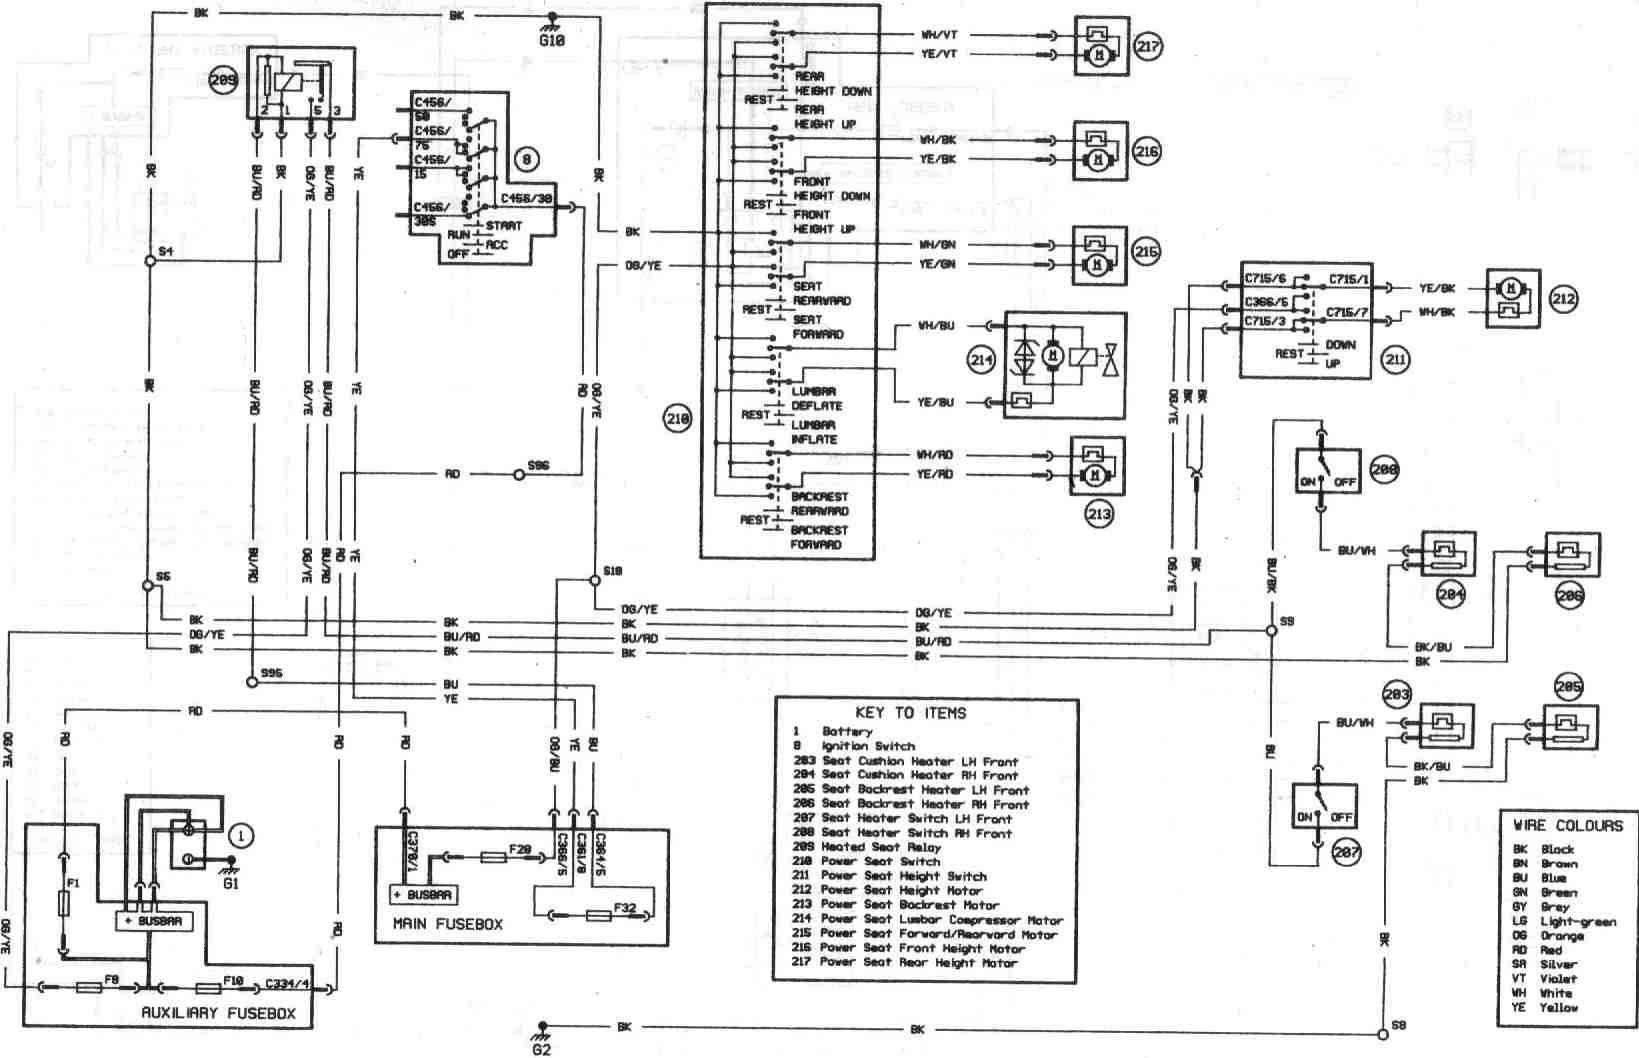 Ford Ikon Wiring Diagram Pdf - Wiring Schematic For A Uk Plug for Wiring  Diagram SchematicsWiring Diagram Schematics